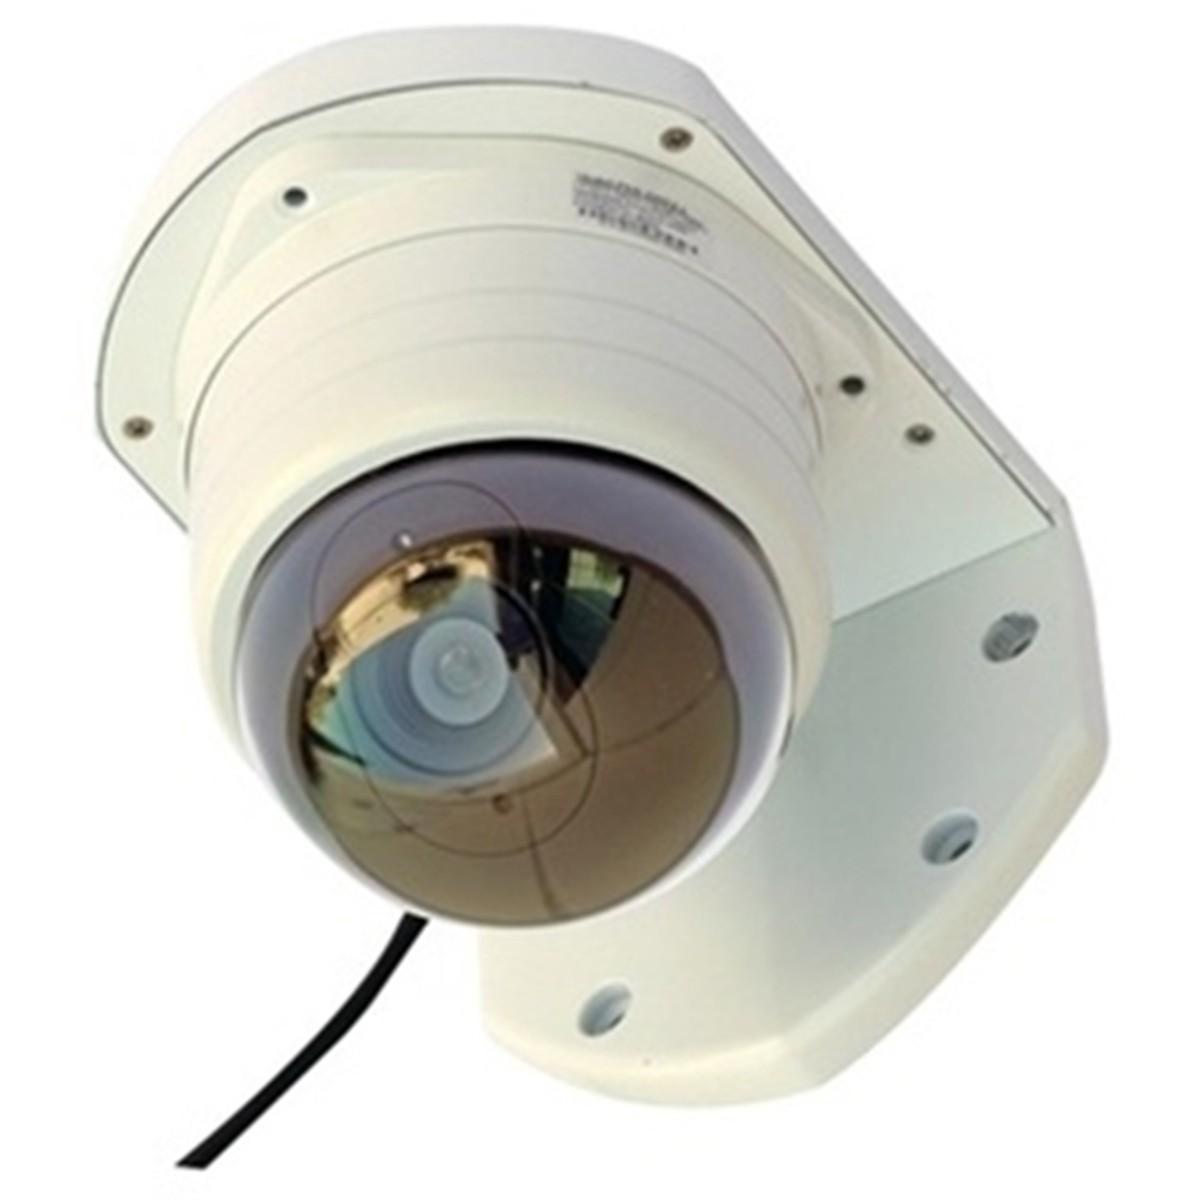 Camera Analog Ext Ptz 3x 540l Ccd 1/3 5 Á 15mm Branca Qsz515d Q-See